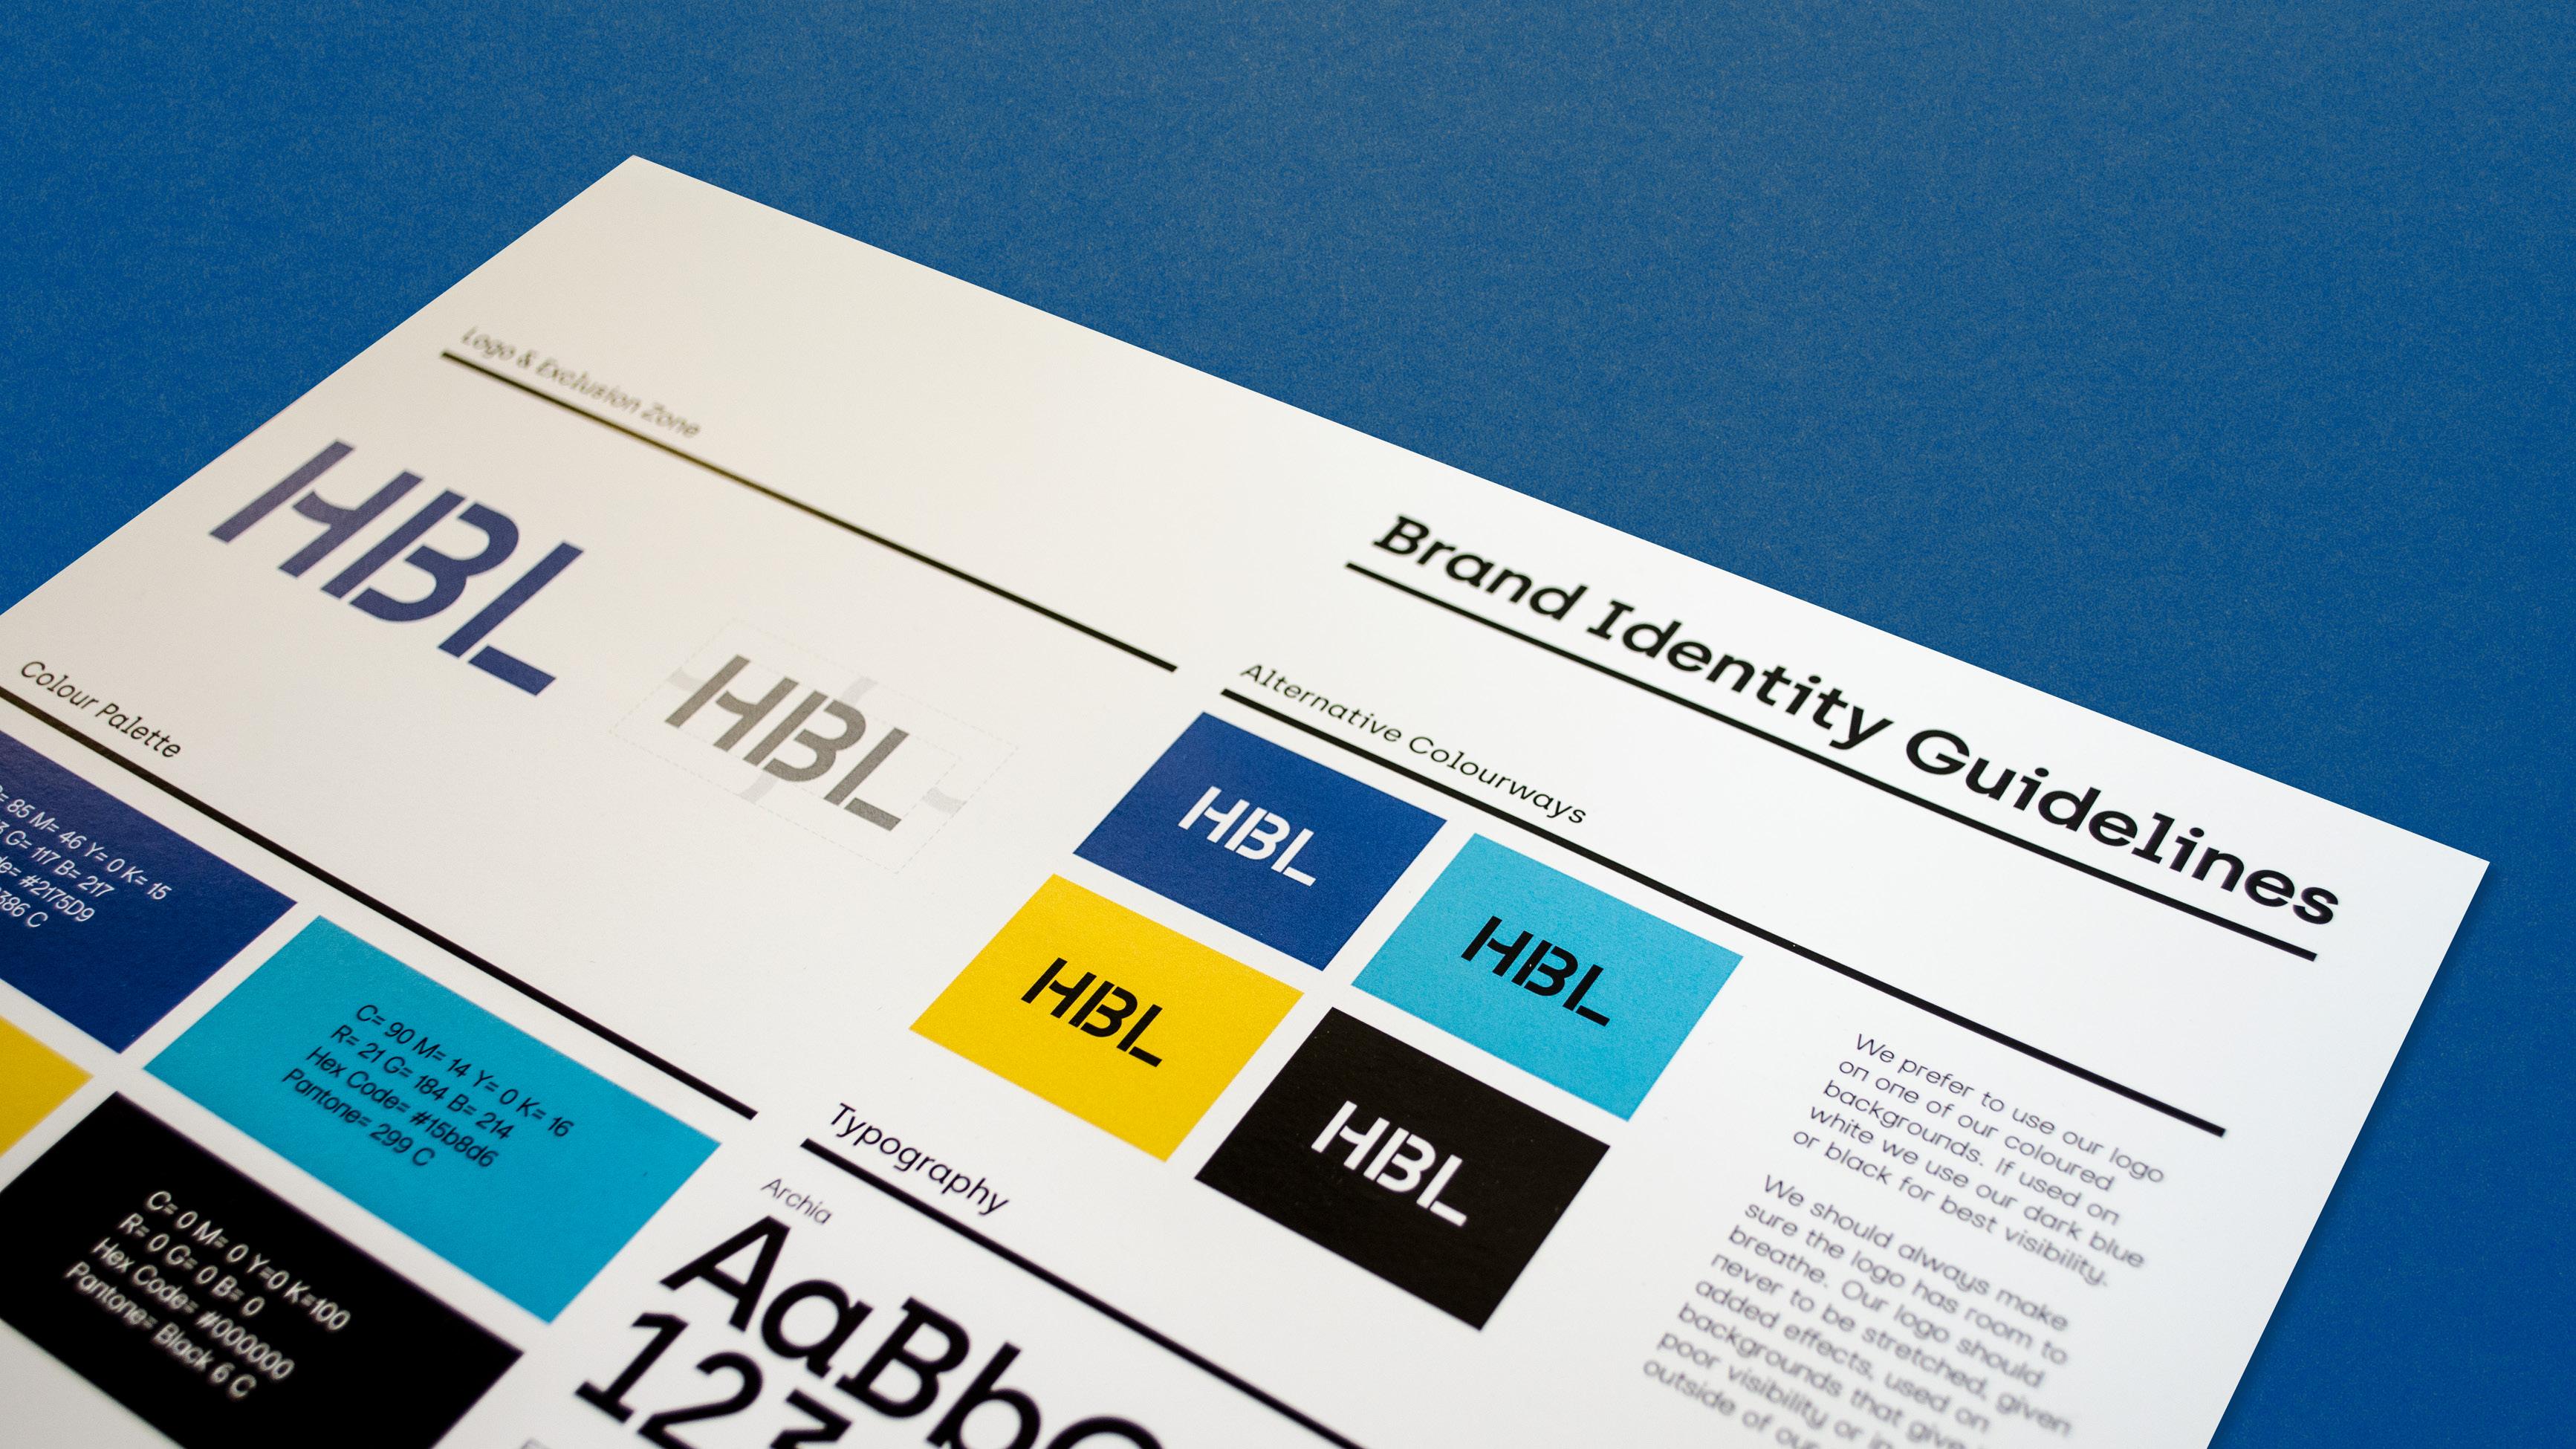 HBL Associates